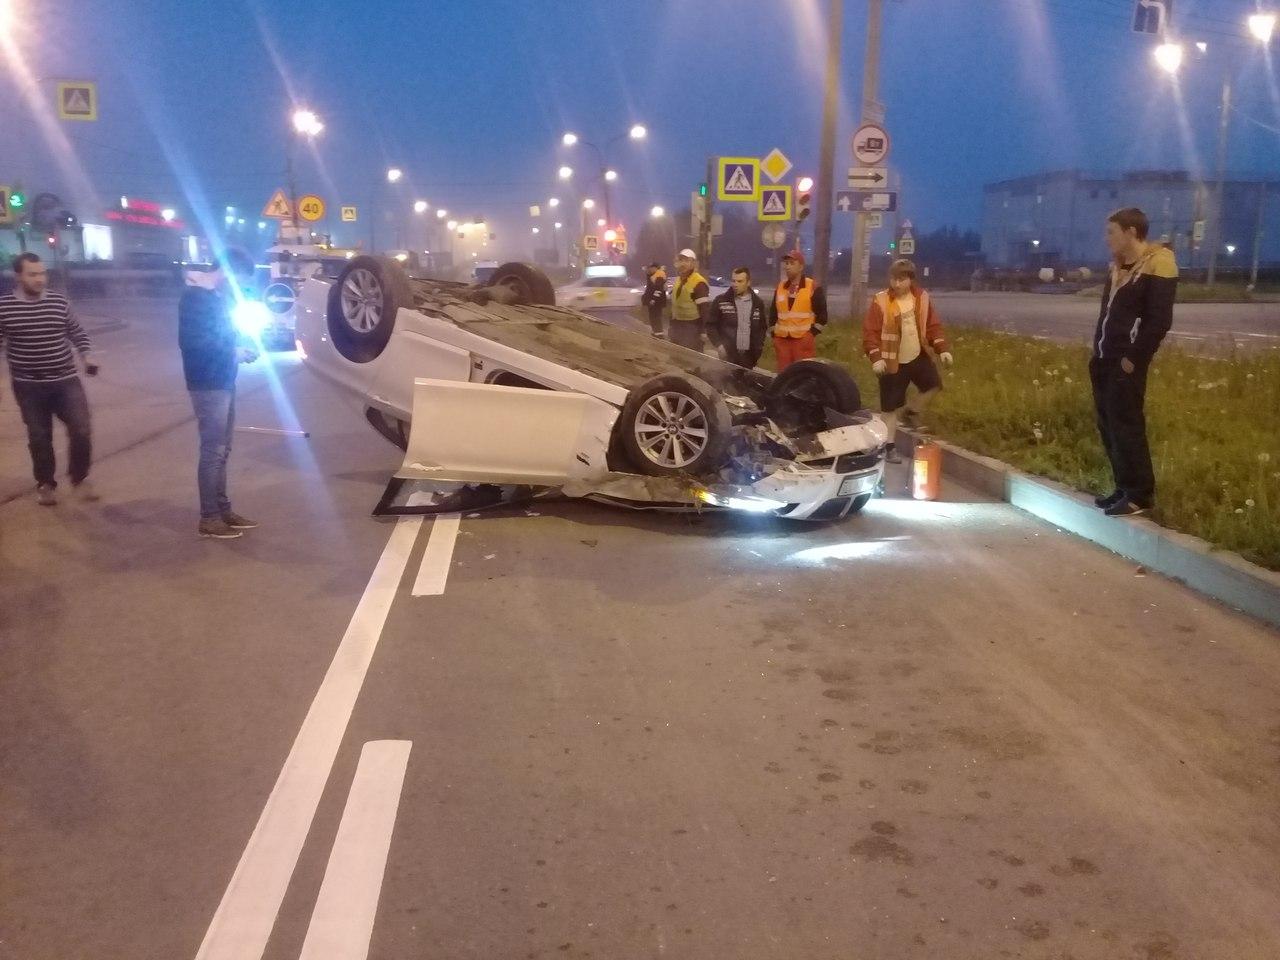 В Петербурге пьяный лихач перевернул свой автомобиль и скрылся с места ДТП